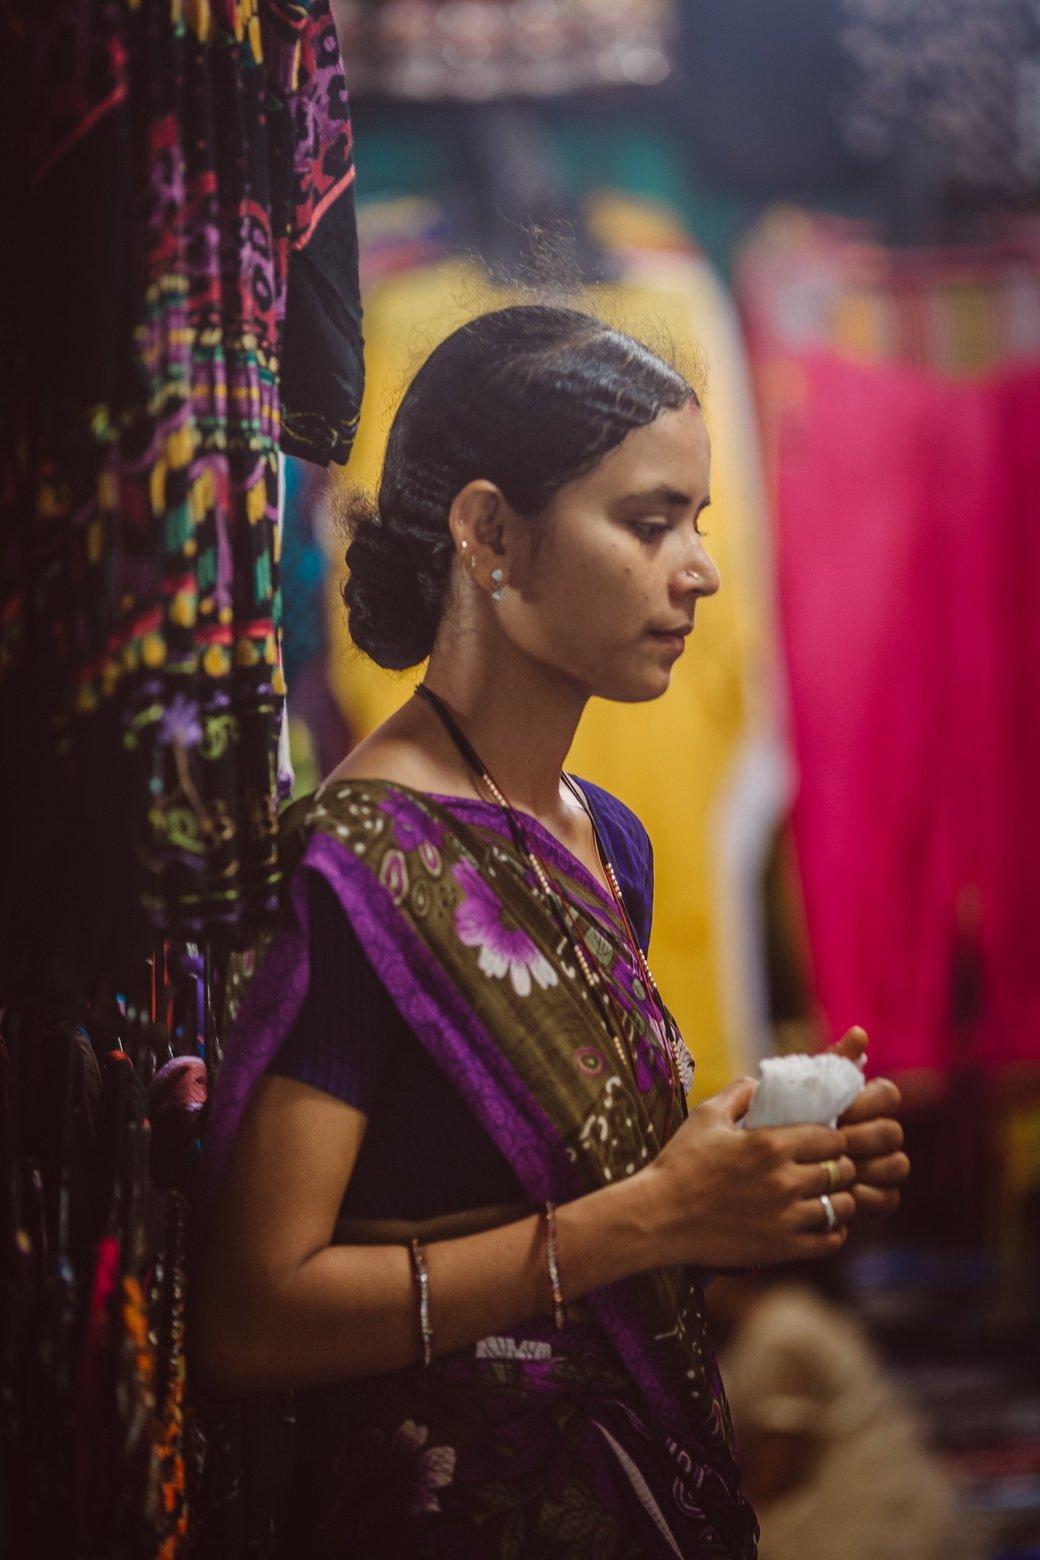 Индия глазами Трофимова - Изображение 21